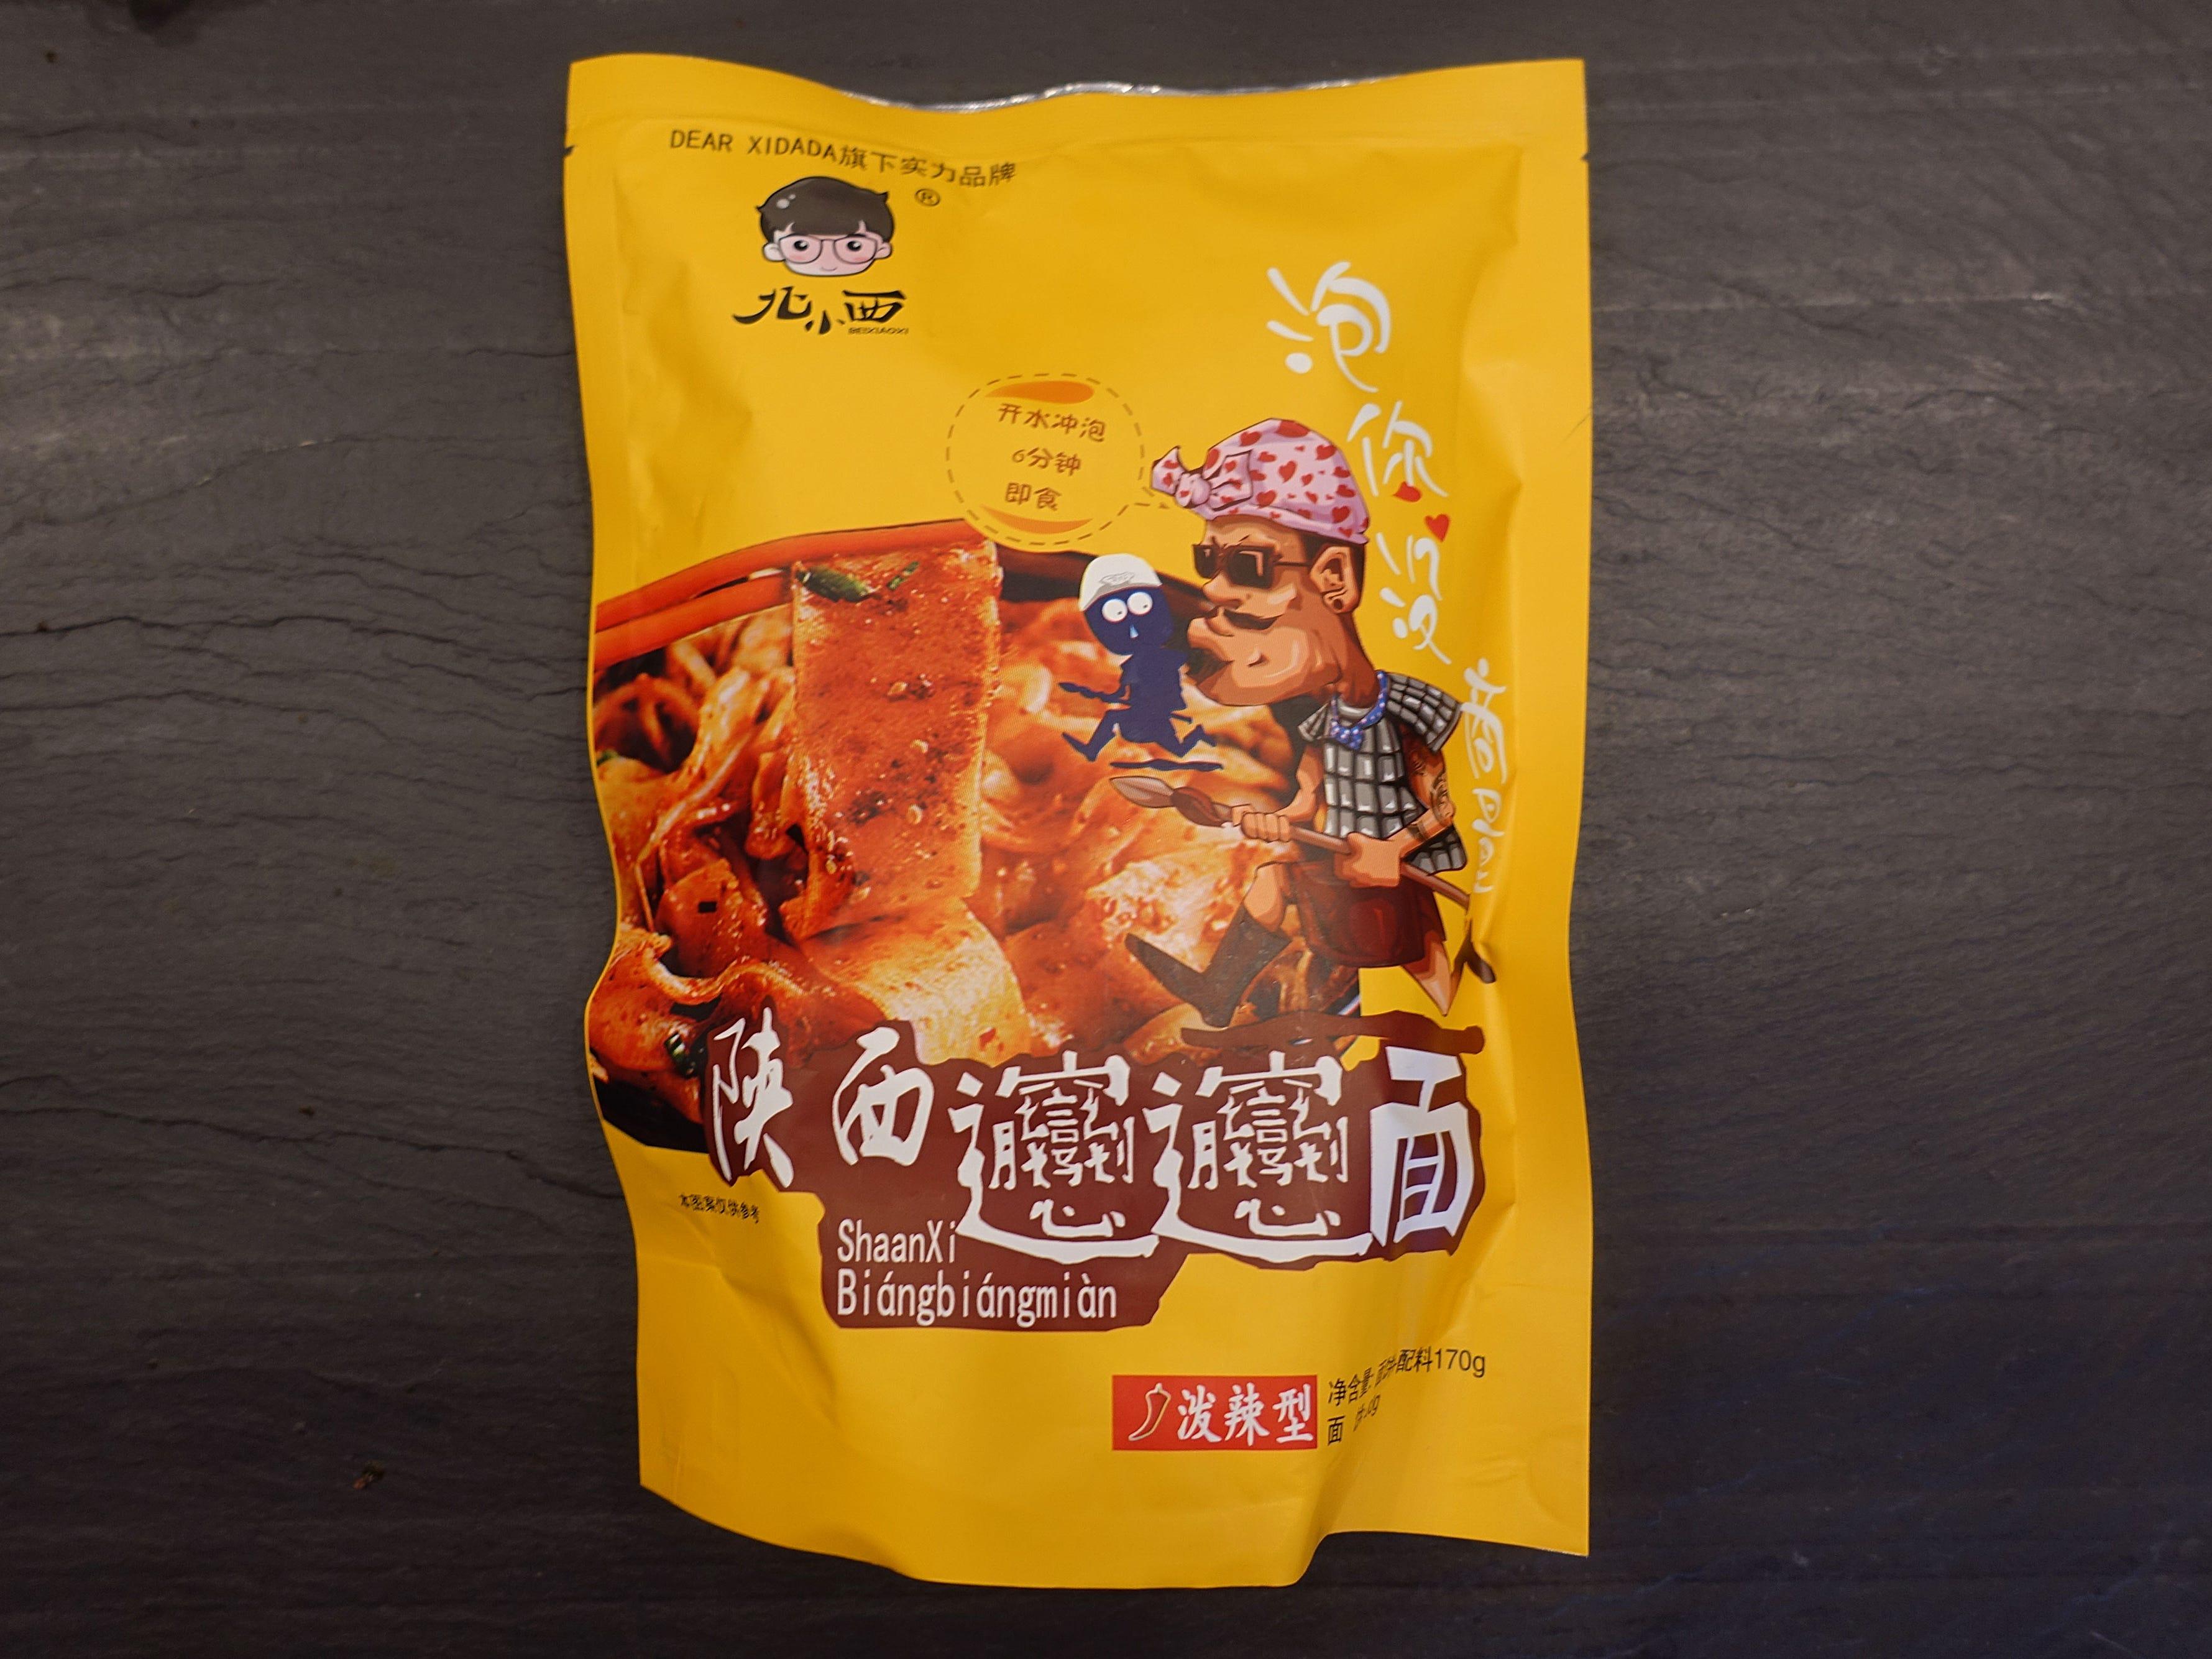 Beixiaoxi Shaanxi Biangbiangmian